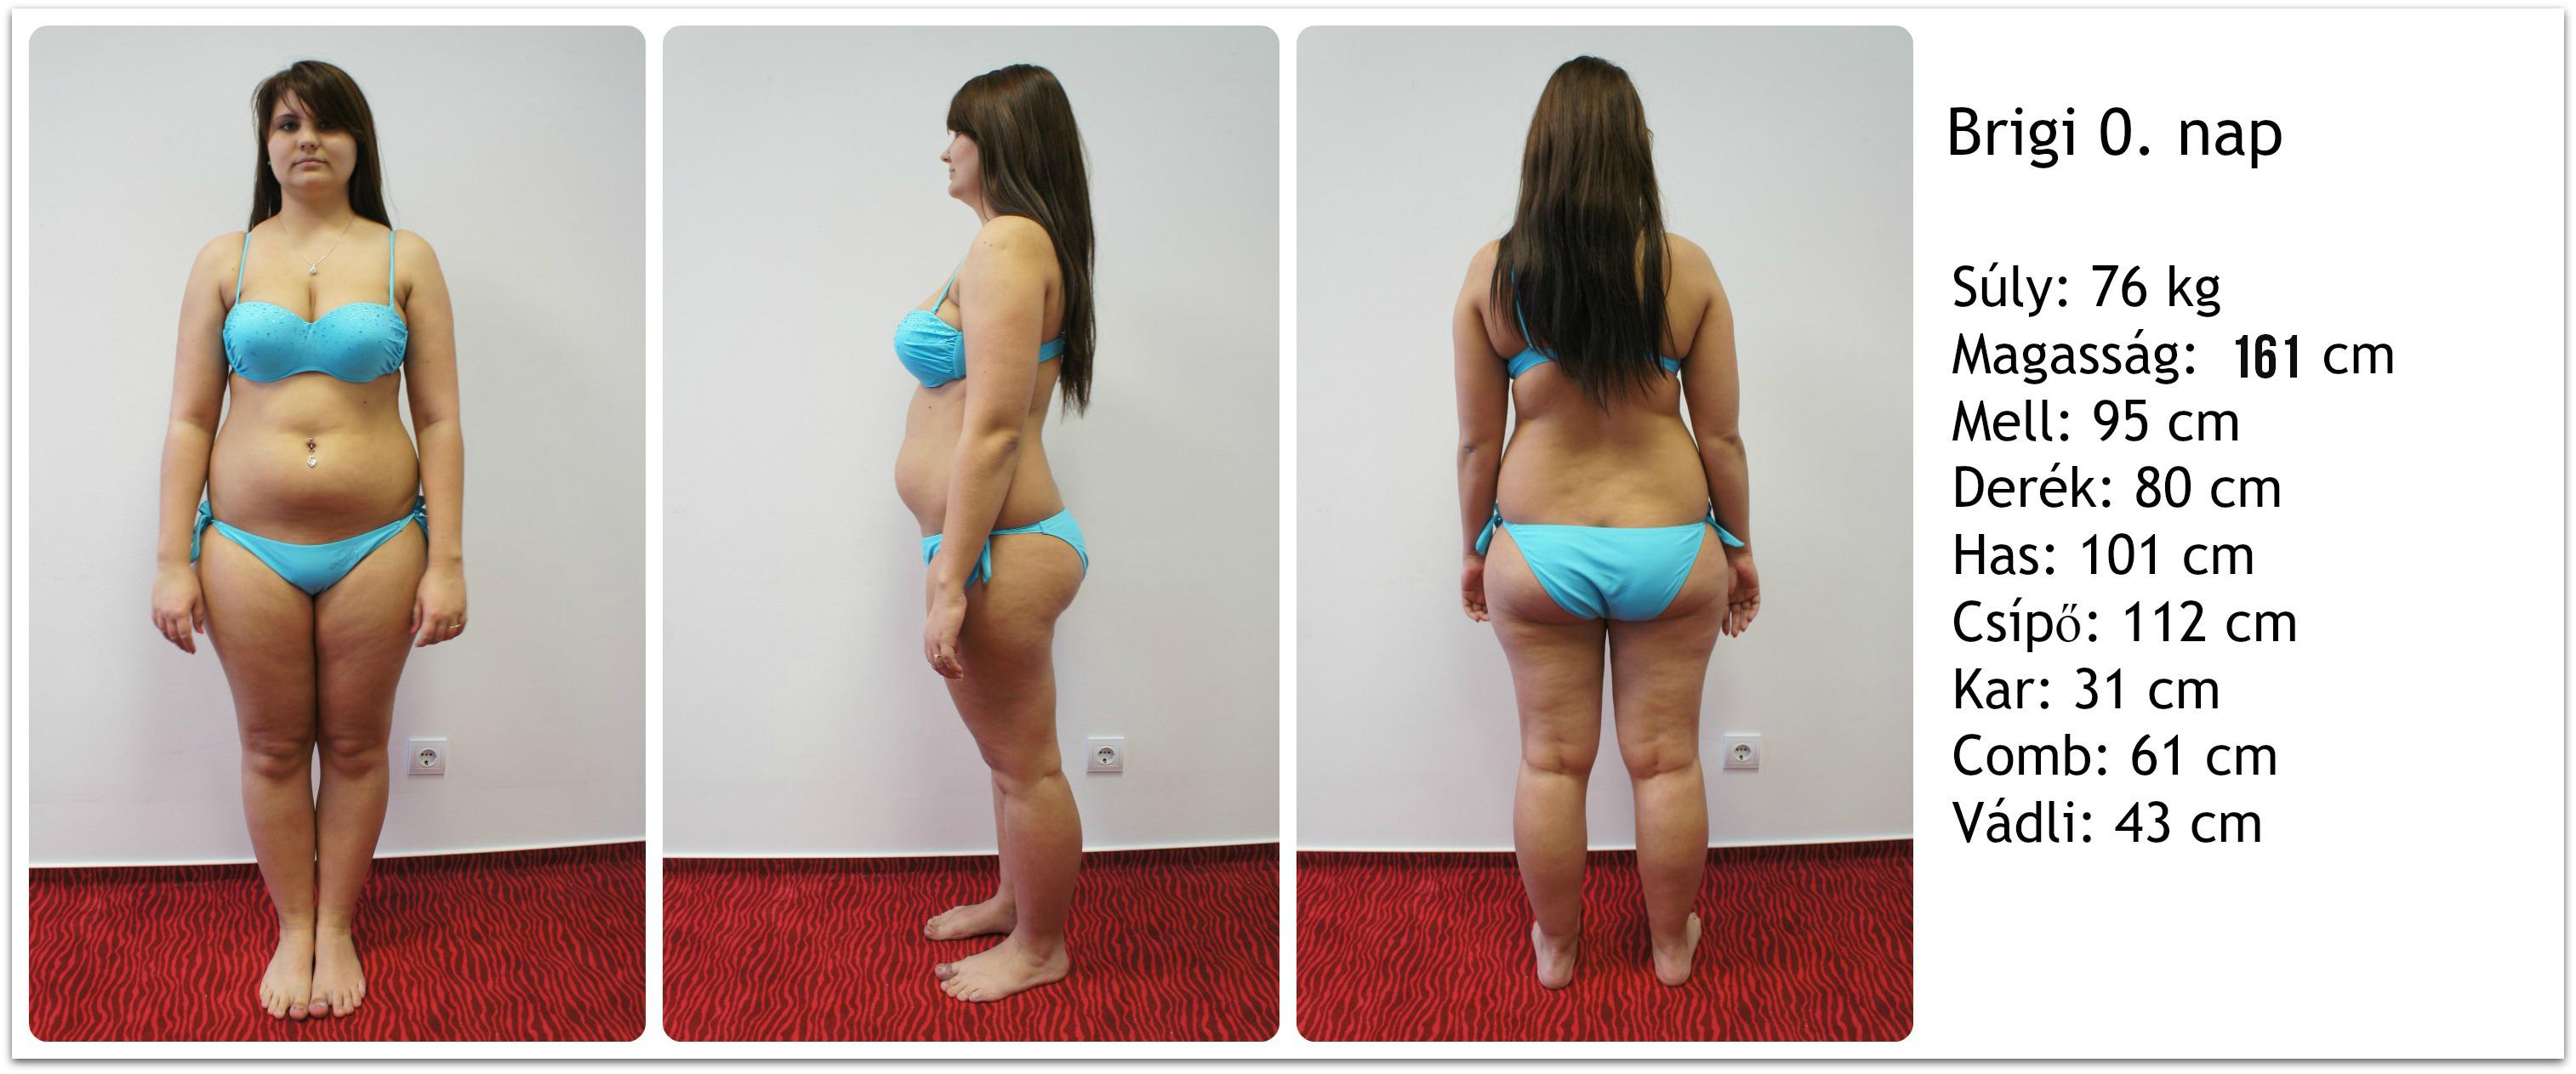 2 hét alatt majdnem 10 kiló fogyás? Lehetséges! | Well&fit - A legjobb fogyás 5 hét alatt